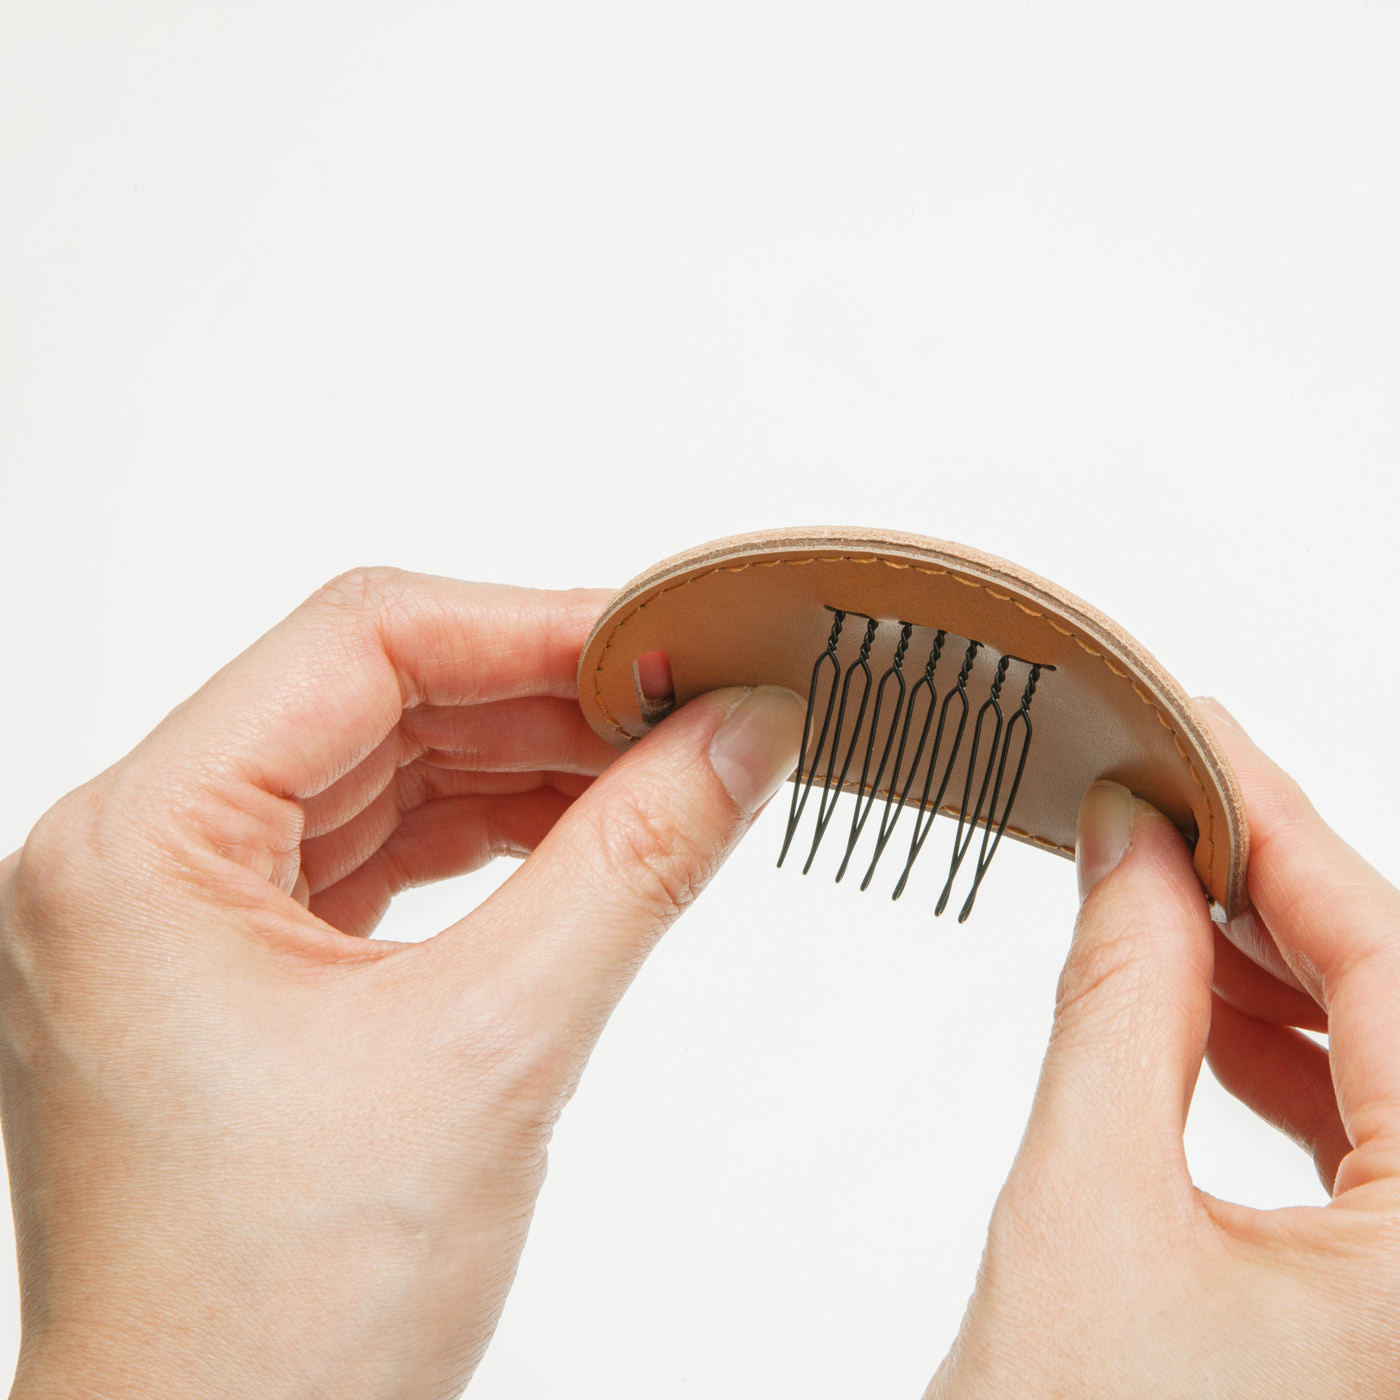 中にアルミ板が入っているので、髪のボリュームに合わせて自由に角度が変えられます。